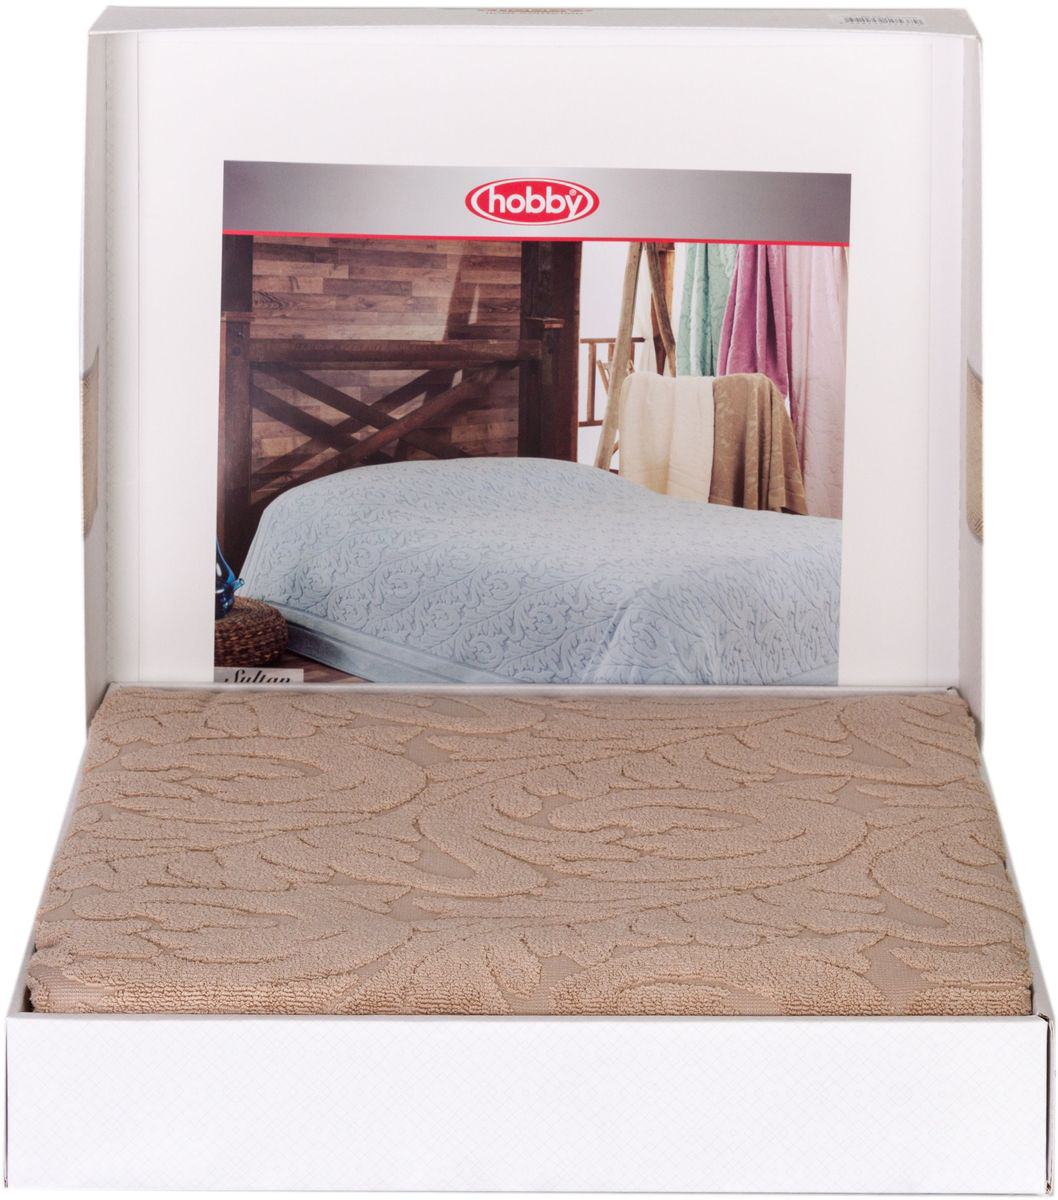 Покрывало Hobby Home Collection Sultan, цвет: бежевый, 160 х 200 см1004900000360Шикарное покрывало Hobby Home Collection Sultan изготовлено из 100% хлопка высшей категории. Оно обладает замечательными дышащими свойствами и будет хорошо смотреться как на диване, так и на большой кровати. Данное покрывало можно также использовать в качестве одеяла.